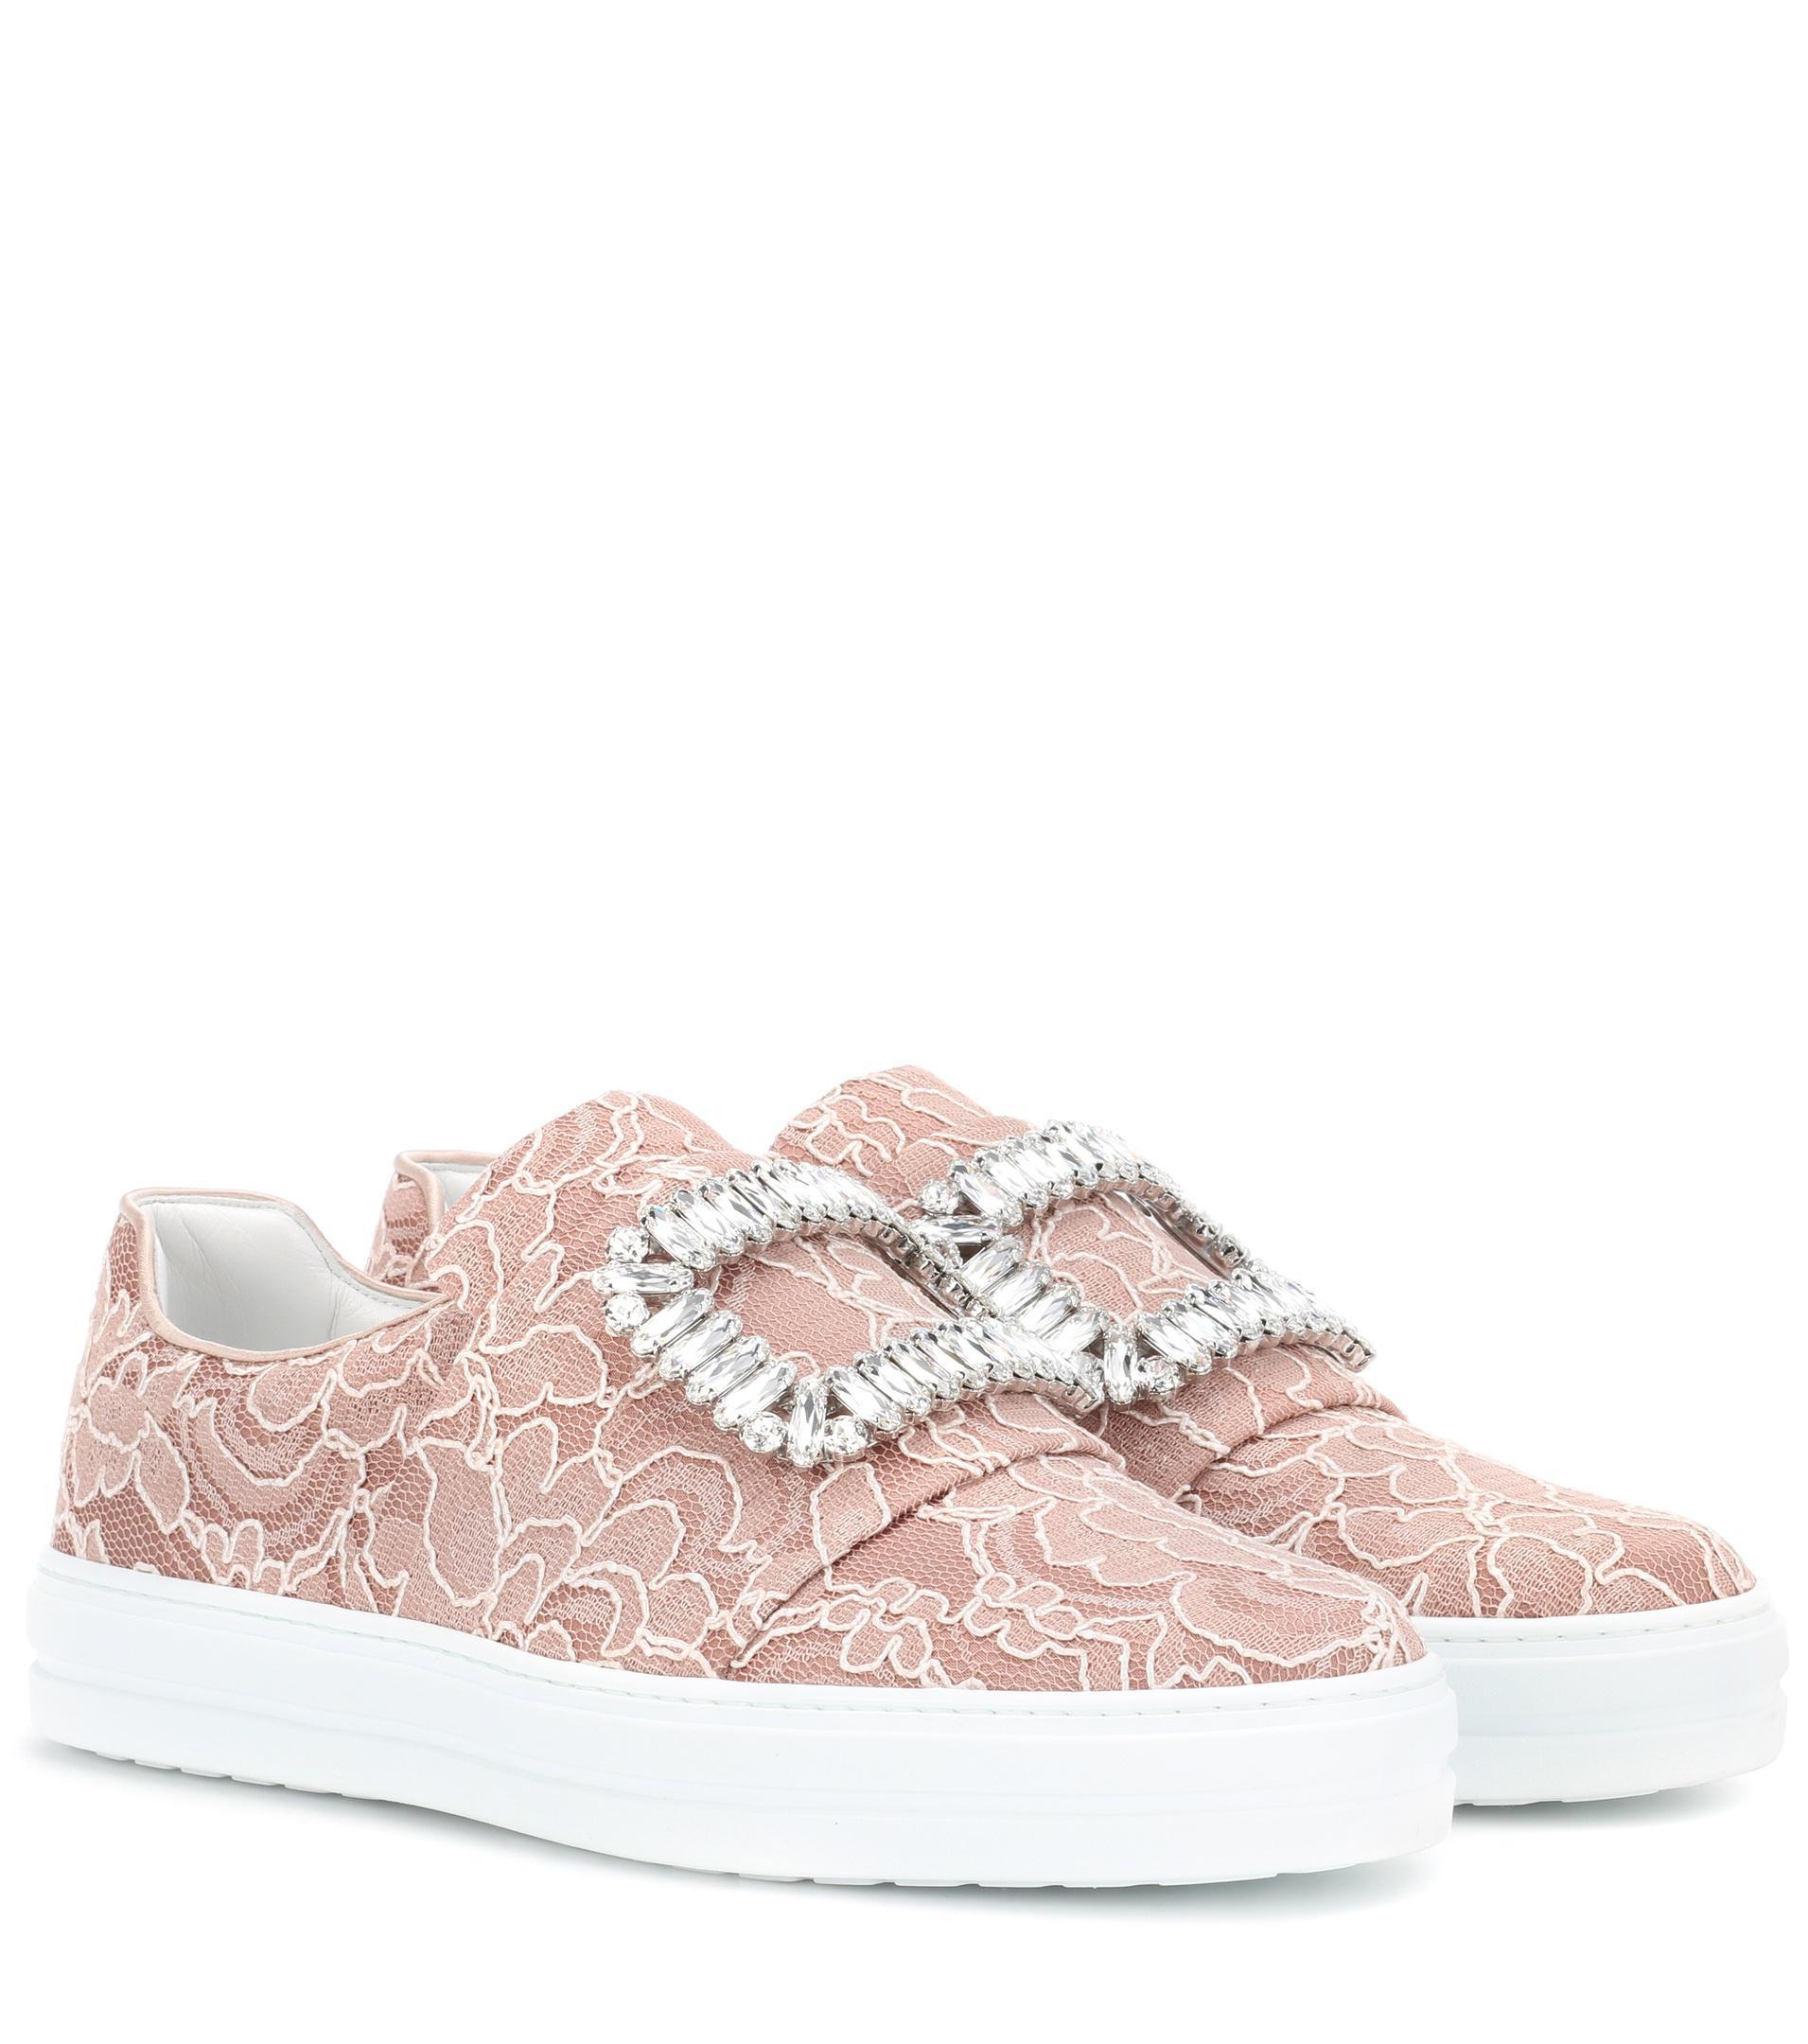 Roger VivierSneaky Viv' lace sneakers